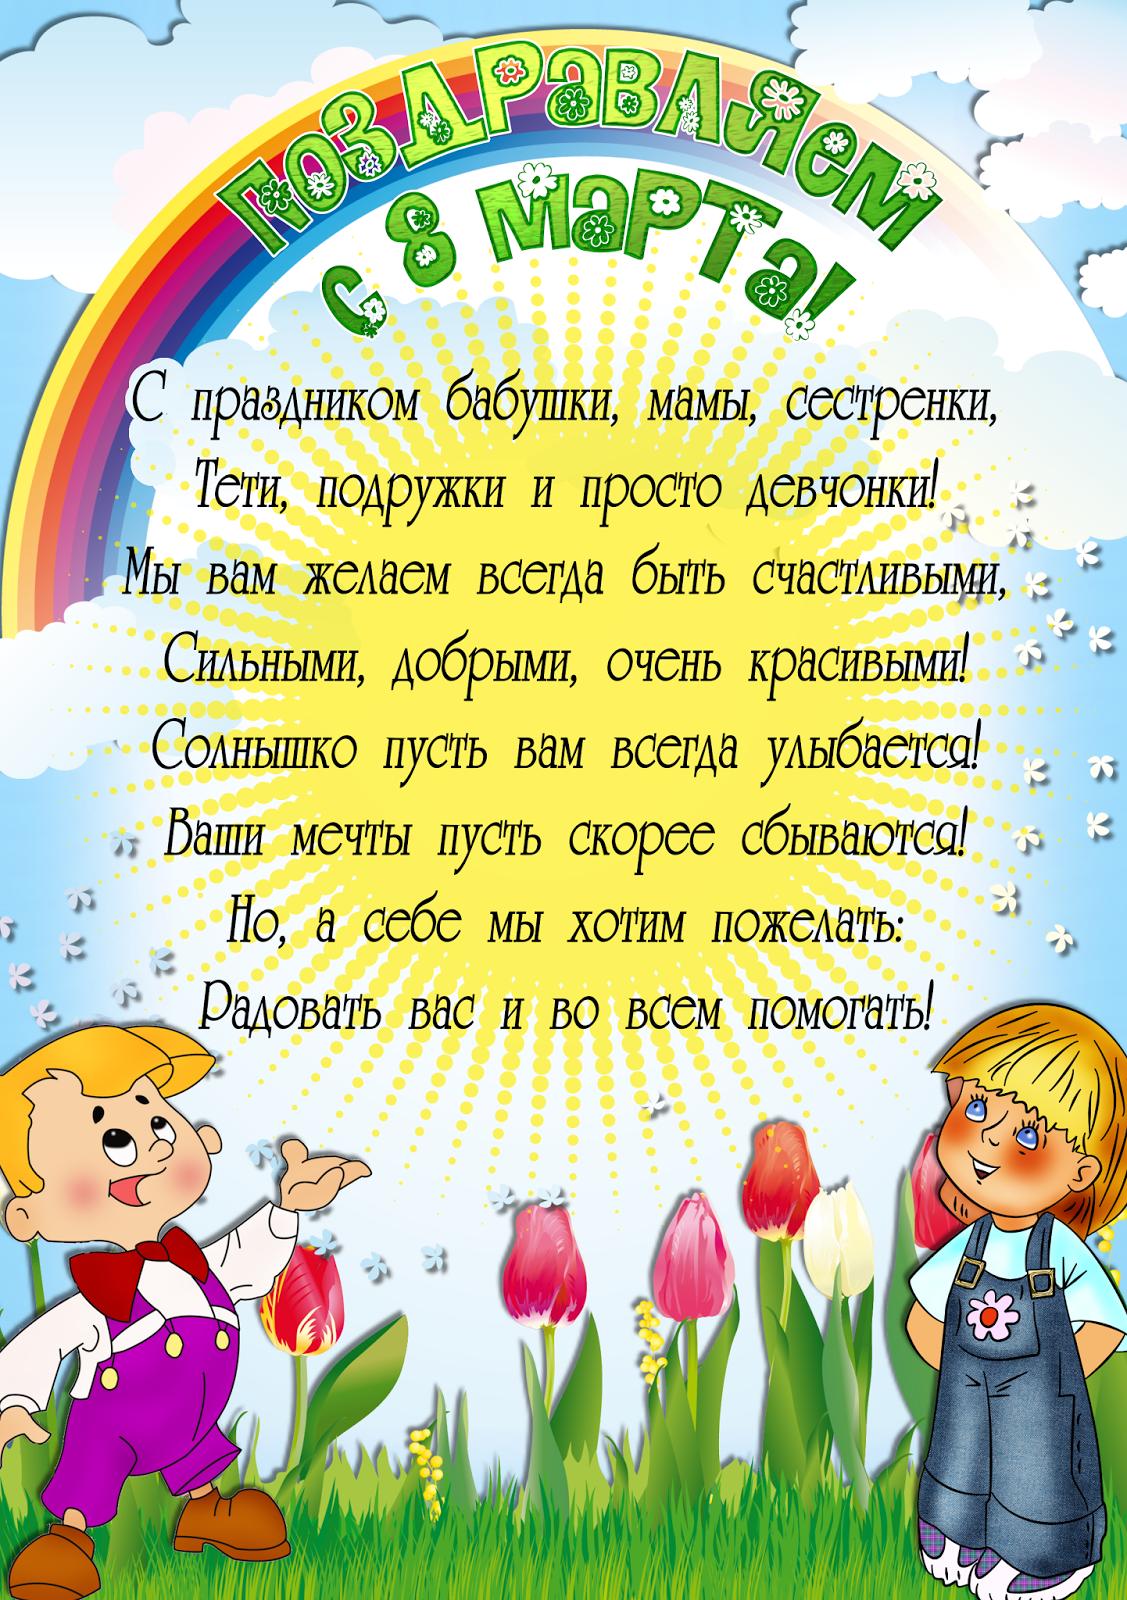 красивые поздравления мамам на 8 марта от воспитателей ходила обычную школу